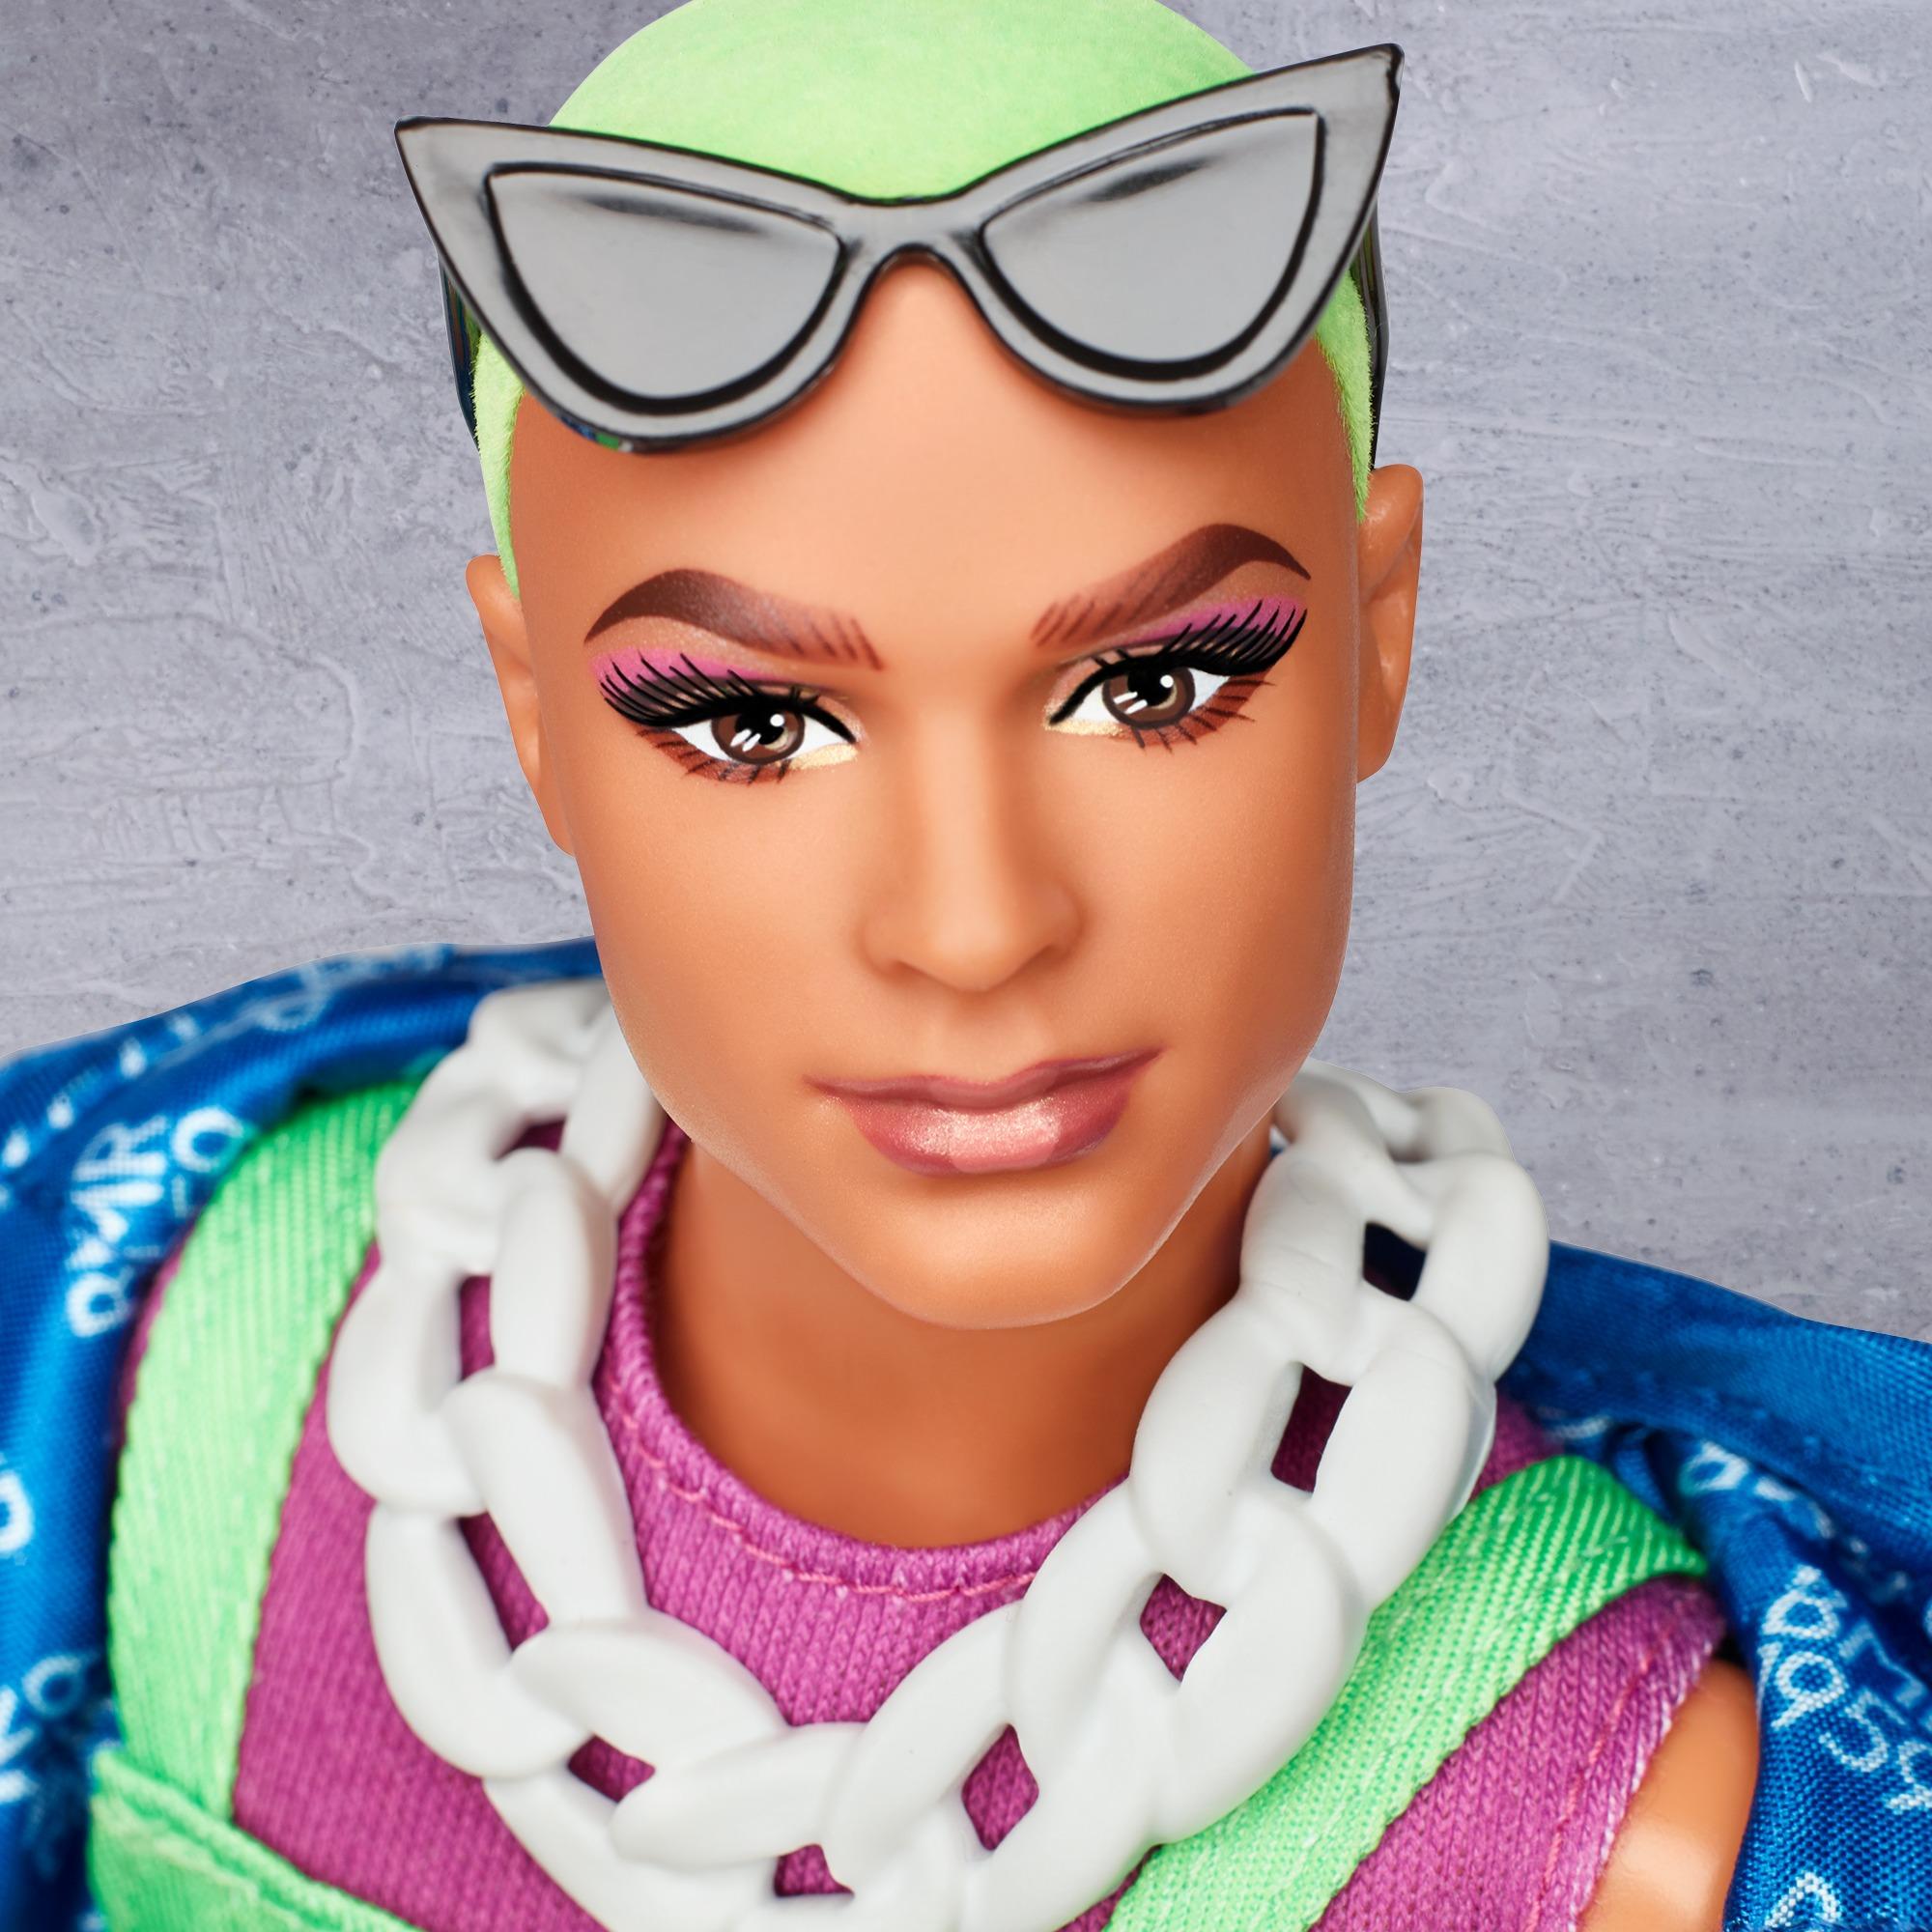 Bambola Barbie BMR1959 KEN-Felpa con cappuccio Harley Scolpire